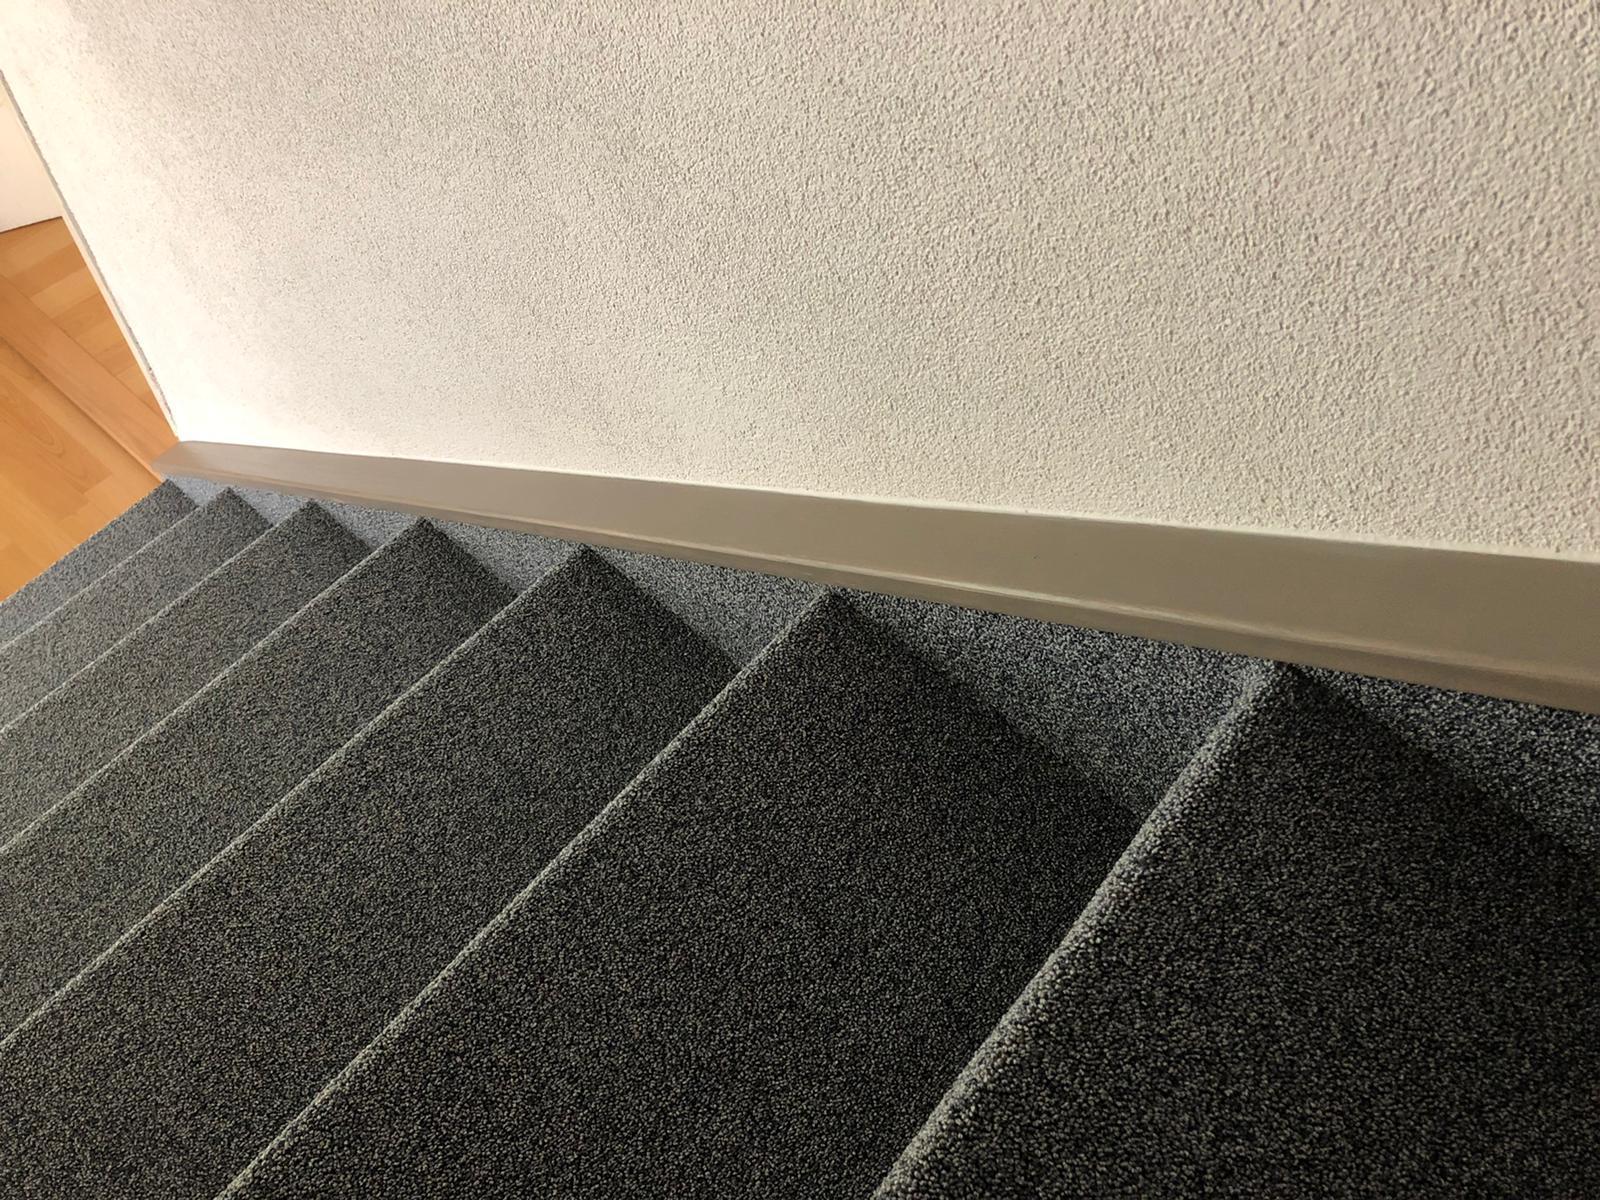 Heimwerkerblog_Projekt_Treppensanierung_Teppichboden_02